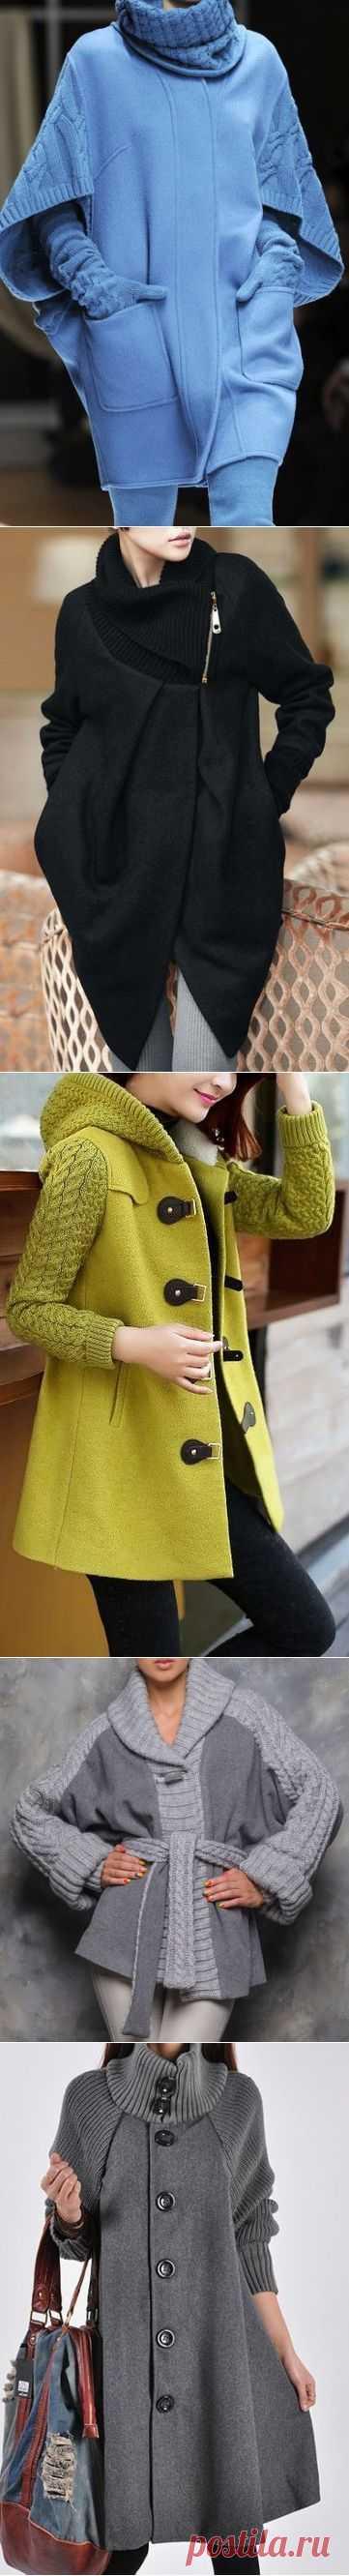 to sew + to knit \/ Needlework \/ Knitting \/ Pinme.ru